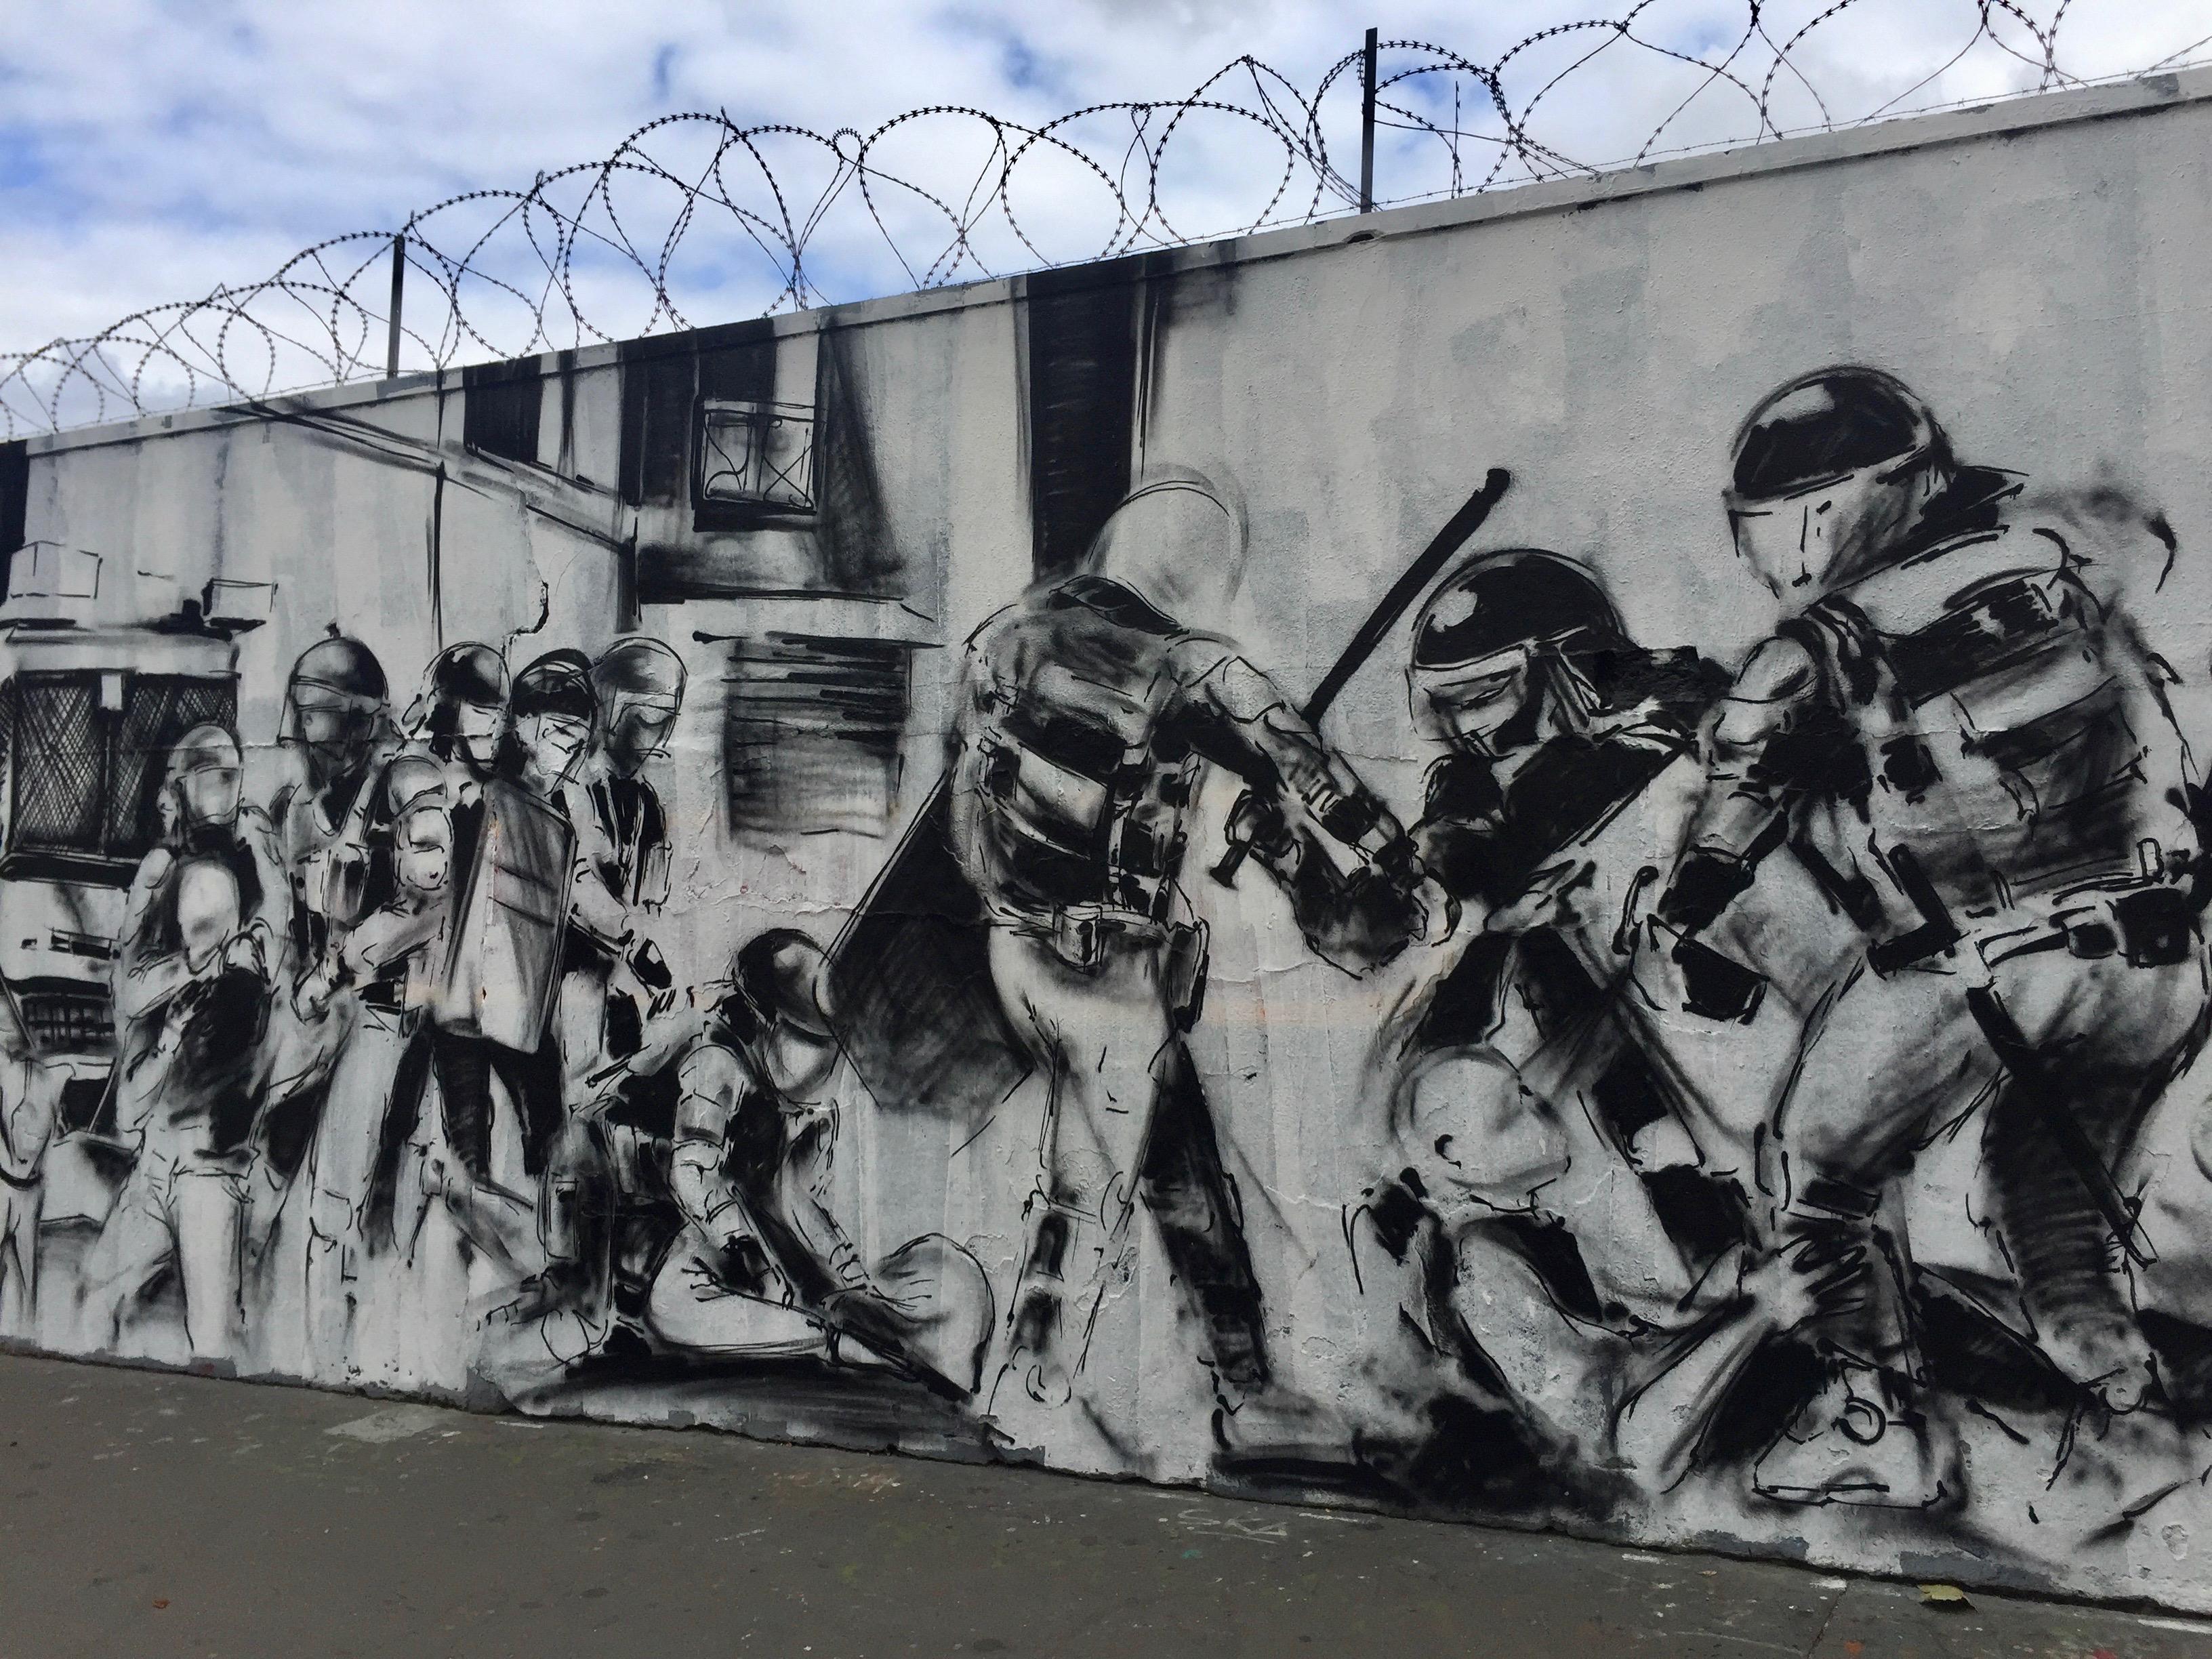 Street Art Paris - fresque dénonçant les violences policièresStreet Art Paris - fresque dénonçant les violences policières